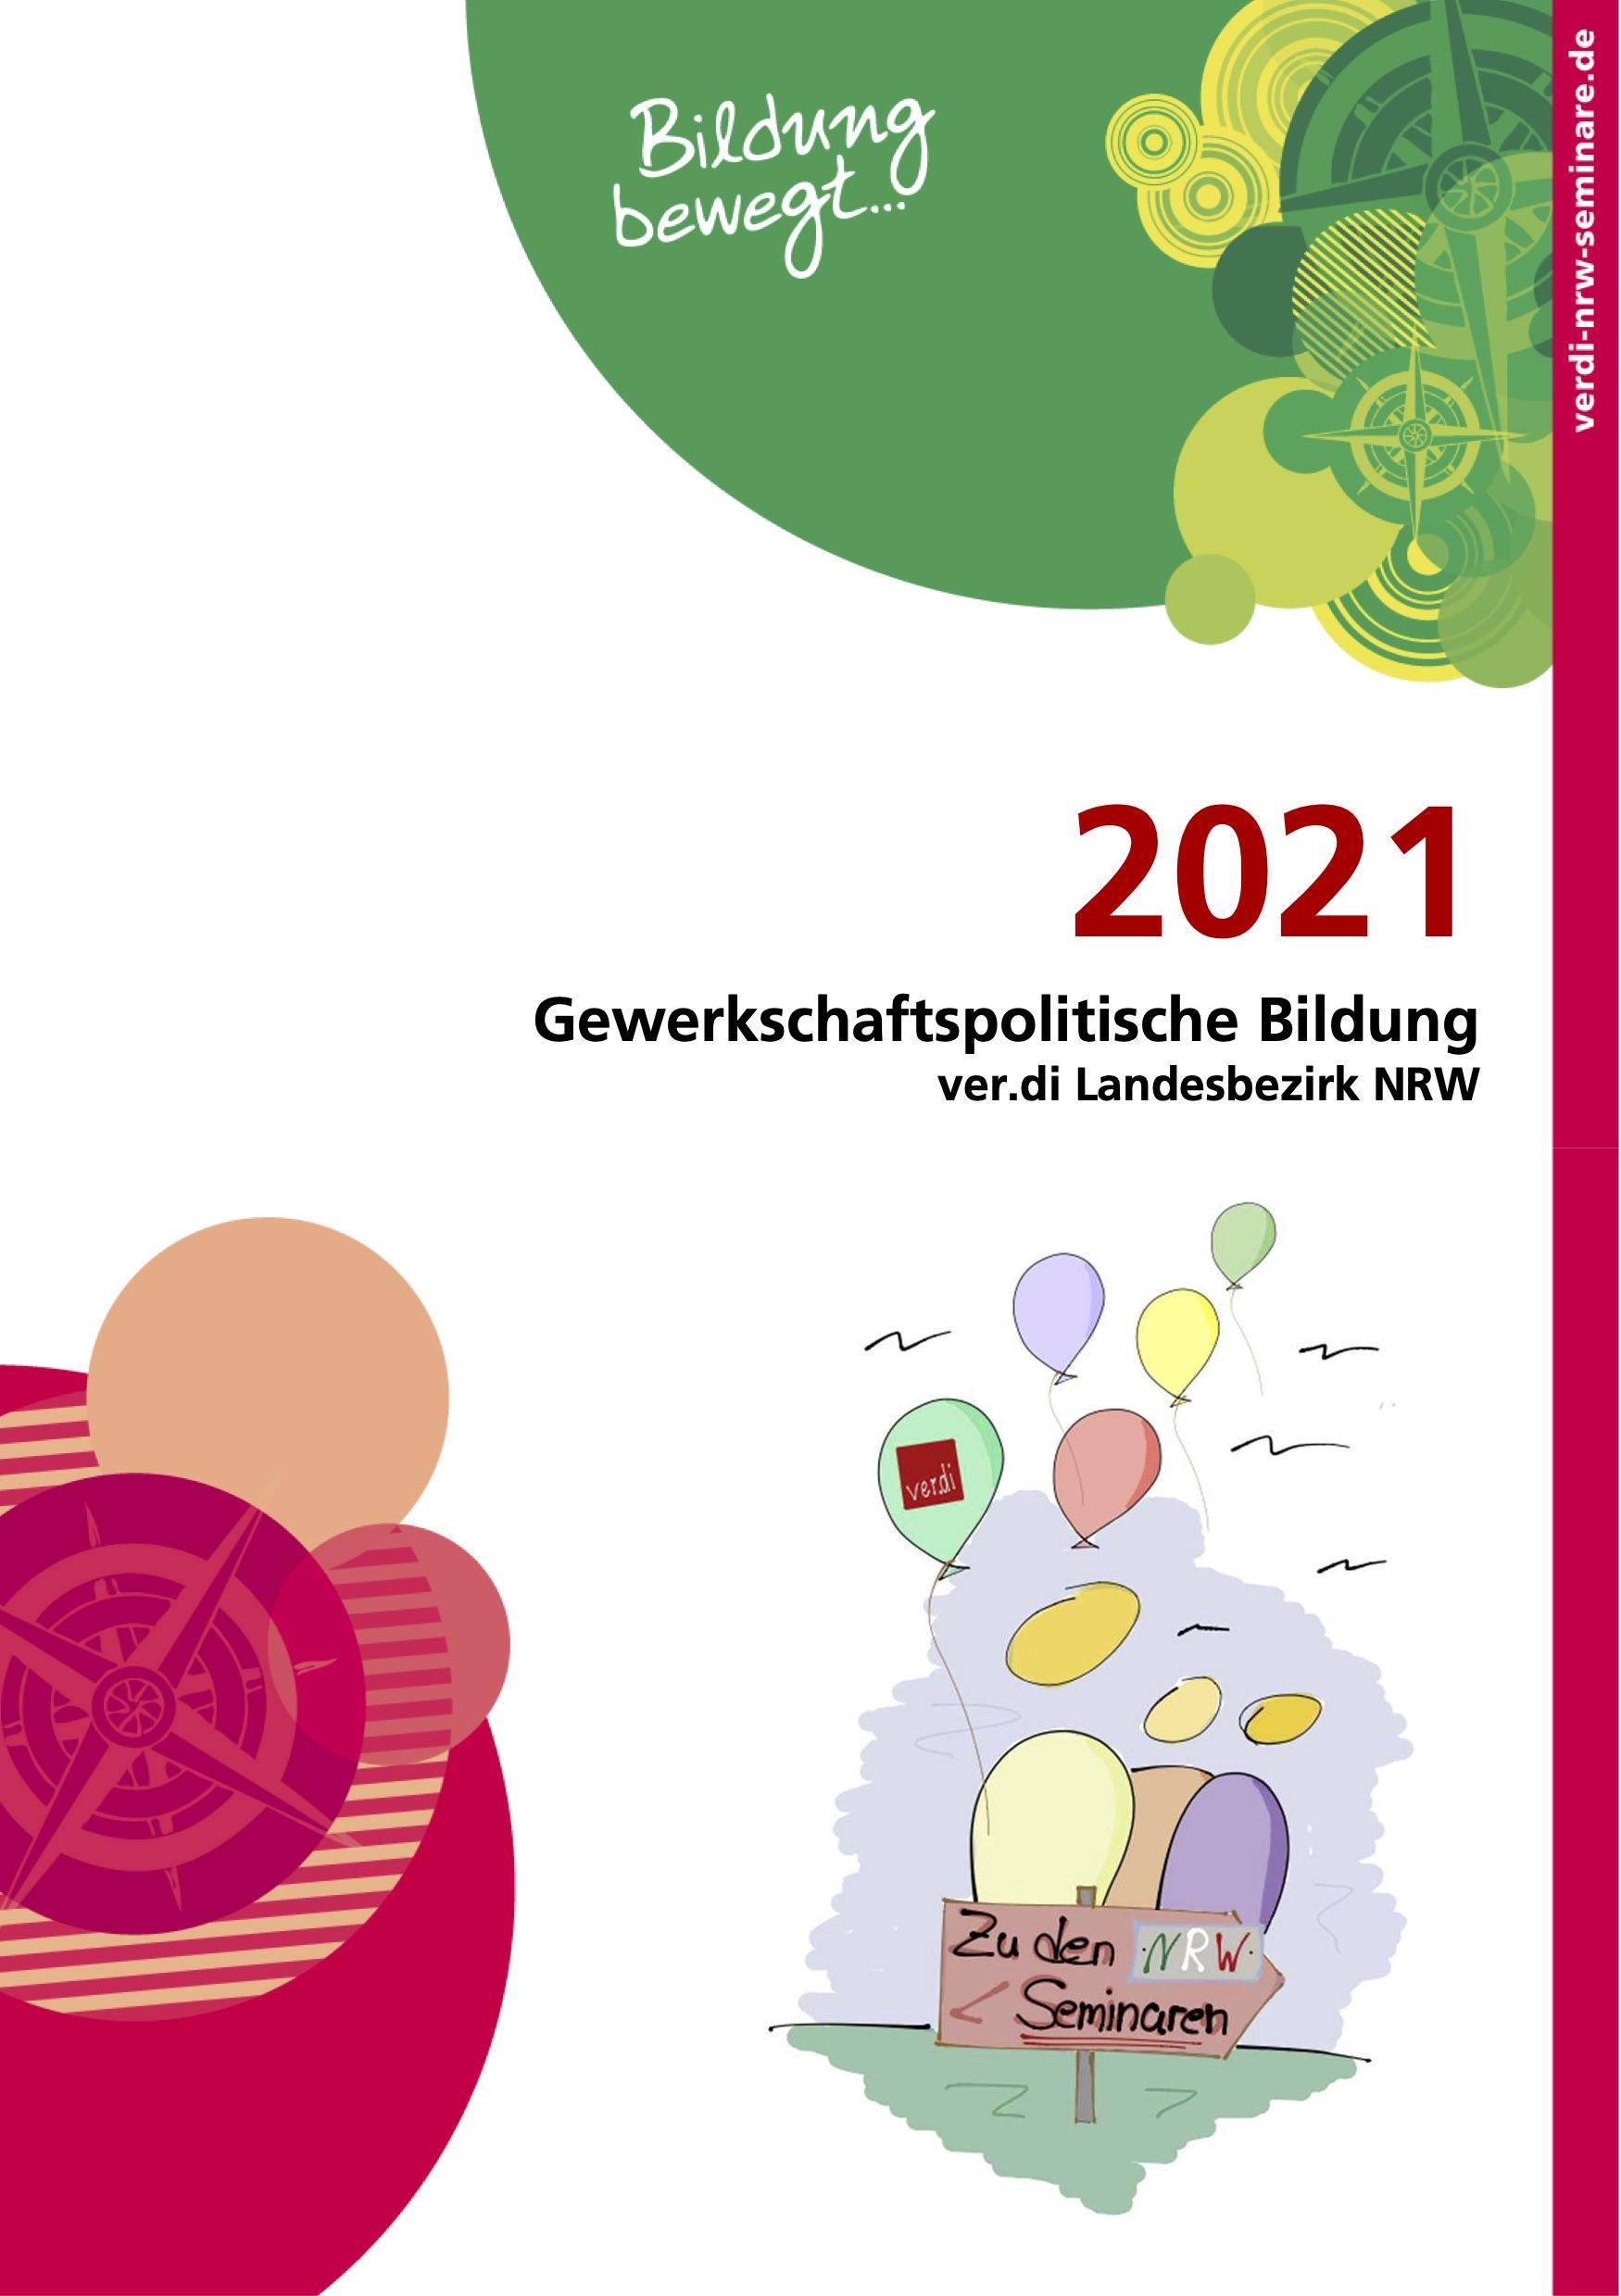 Gewerkschaftspolitische Bildung ver.di Landesbezirk NRW 2021